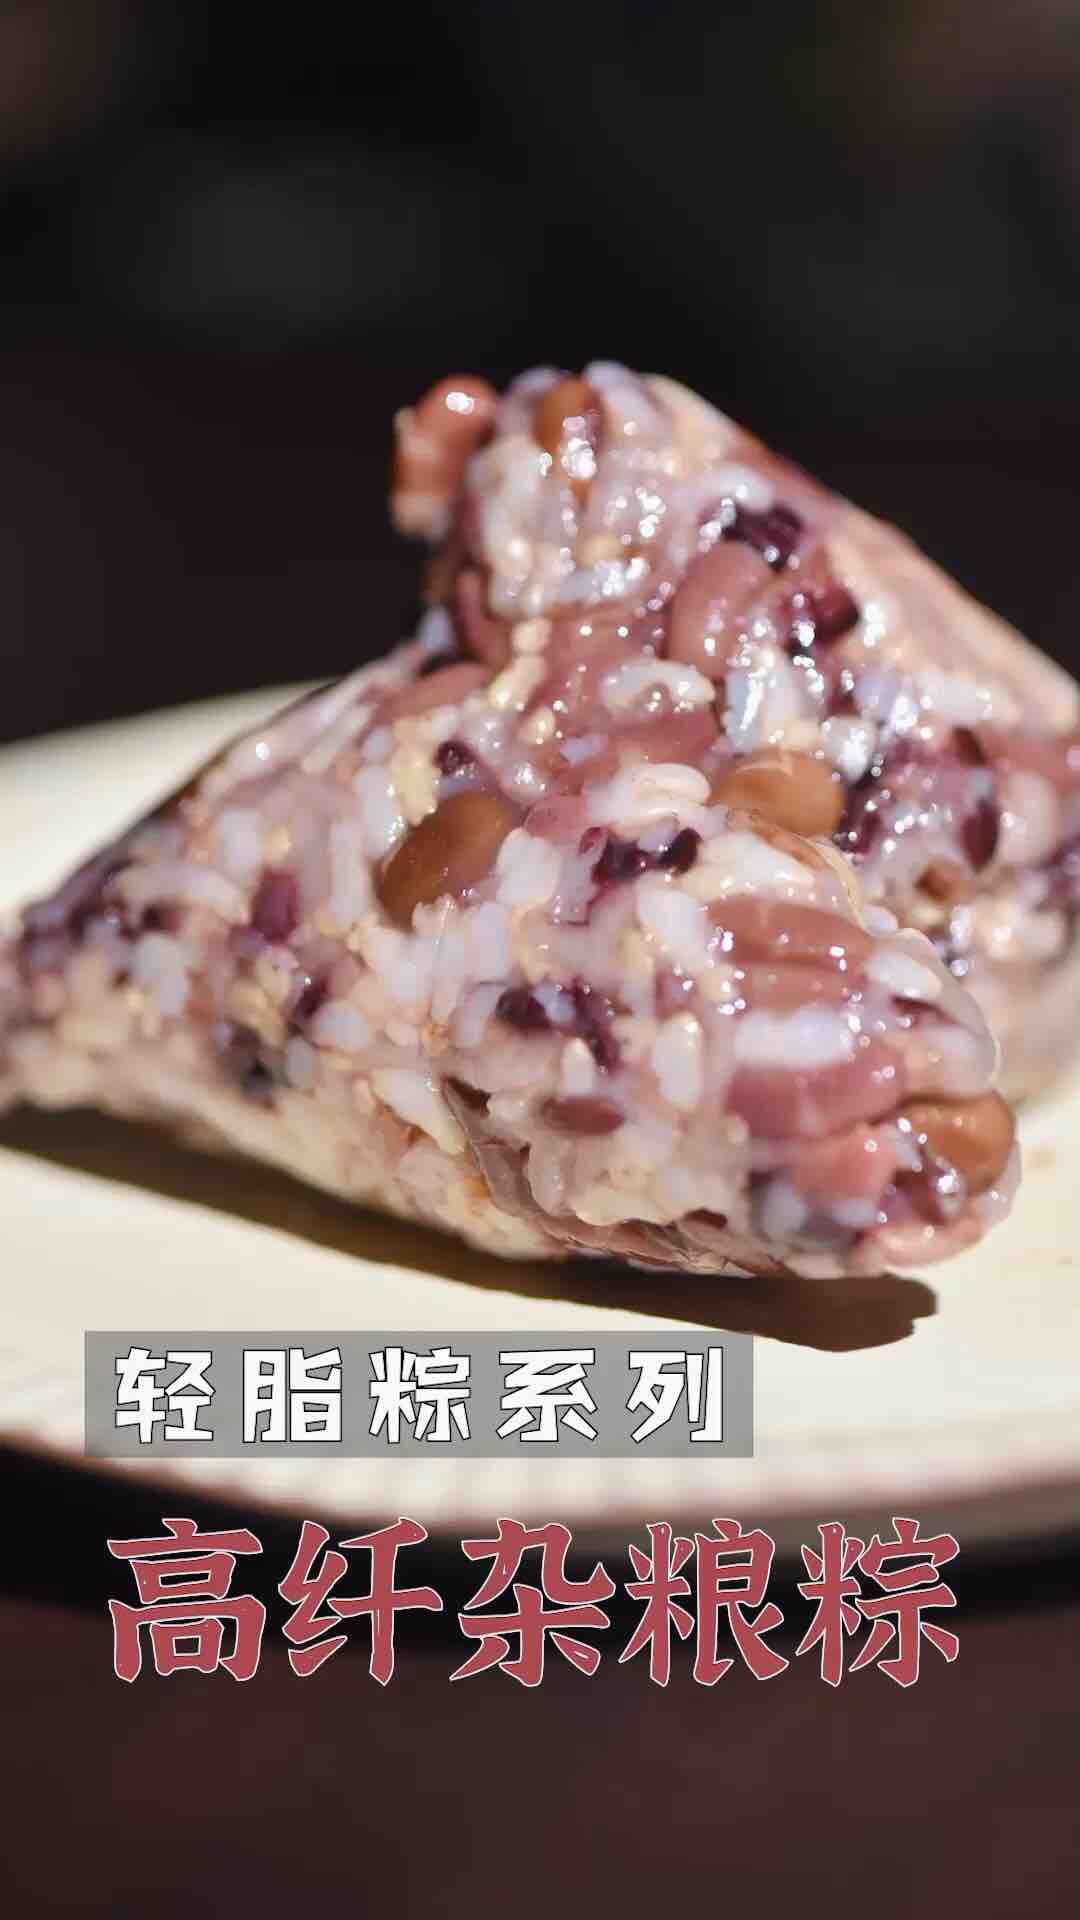 端午节轻脂粽系列 | 高纤杂粮粽